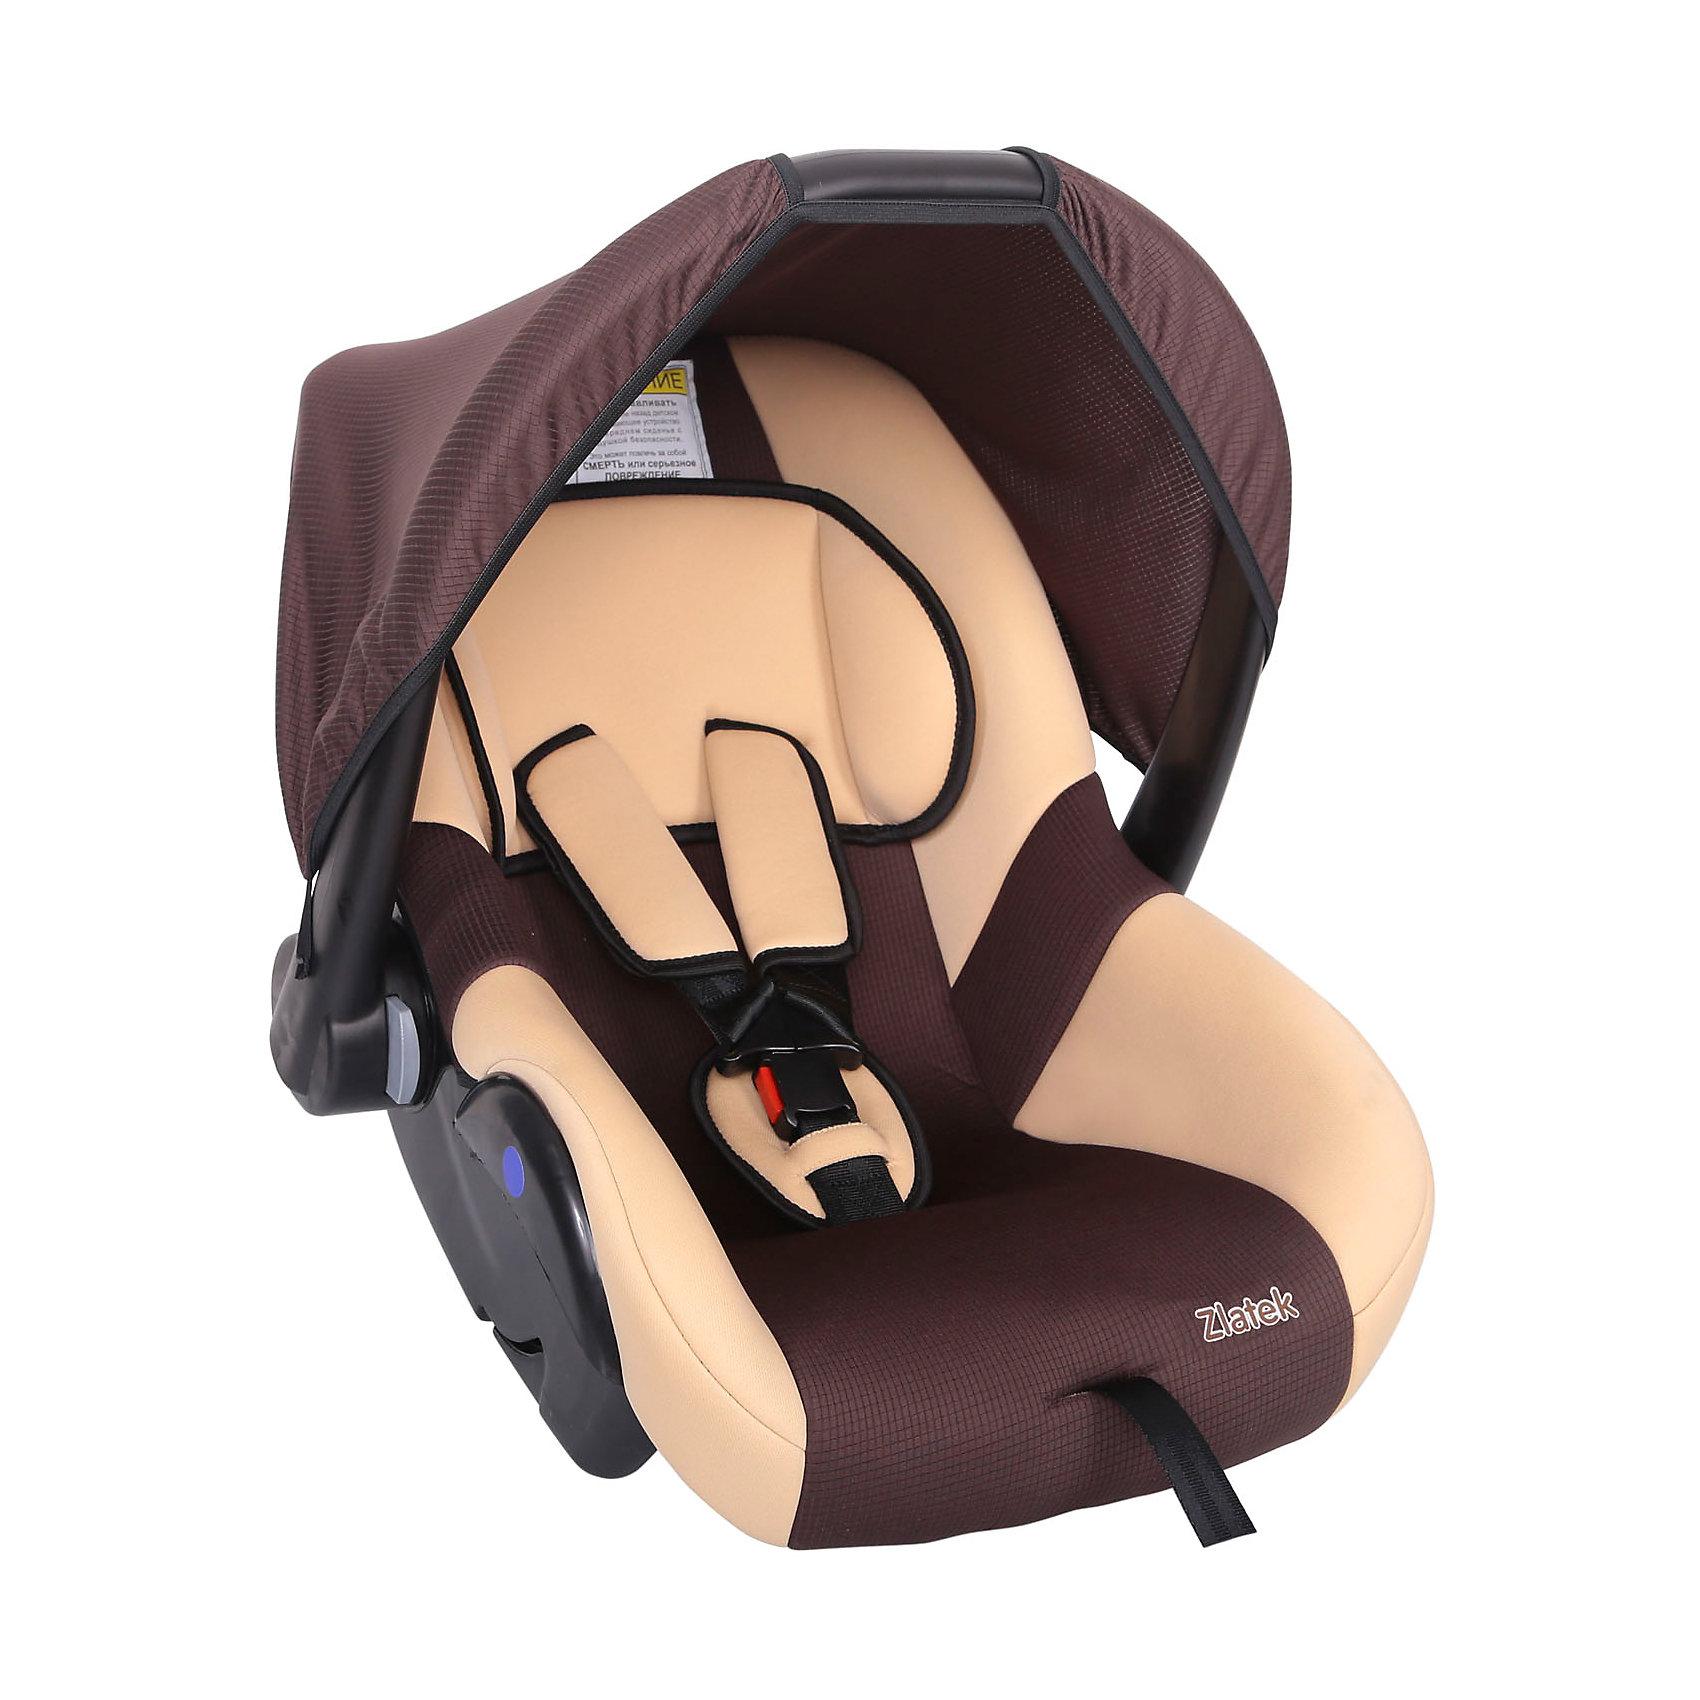 Автокресло Zlatek Colibri 0-13 кг, коричневыйГруппа 0+ (До 13 кг)<br>Colibri Zlatek - современное и комфортное автокресло, которое обеспечит безопасность и комфорт вашему ребенку. В кресле предусмотрена мягкая анатомическая подушка, которая будет удерживать голову малыша, а также удобные ремни, регулируемые по росту. Благодаря удобной ручке кресло легко переносить в руках, а так же его можно использовать как кресло-качалку.<br><br>Дополнительная информация:<br><br>- Материал: текстиль, пластик, металл.<br>- Размер: 60x37x36 см<br>- Возраст: от 0 до 18 месяцев<br>- Группа: 0+ (до 13 кг)<br>- Вес кресла: 3.7 кг<br>- Внутренние 3-точечные ремни безопасности<br><br>Автокресло Colibri 0-13 кг., Zlatek, коричневый можно купить в нашем интернет-магазине.<br><br>Ширина мм: 600<br>Глубина мм: 360<br>Высота мм: 370<br>Вес г: 3700<br>Возраст от месяцев: 0<br>Возраст до месяцев: 18<br>Пол: Унисекс<br>Возраст: Детский<br>SKU: 4809130